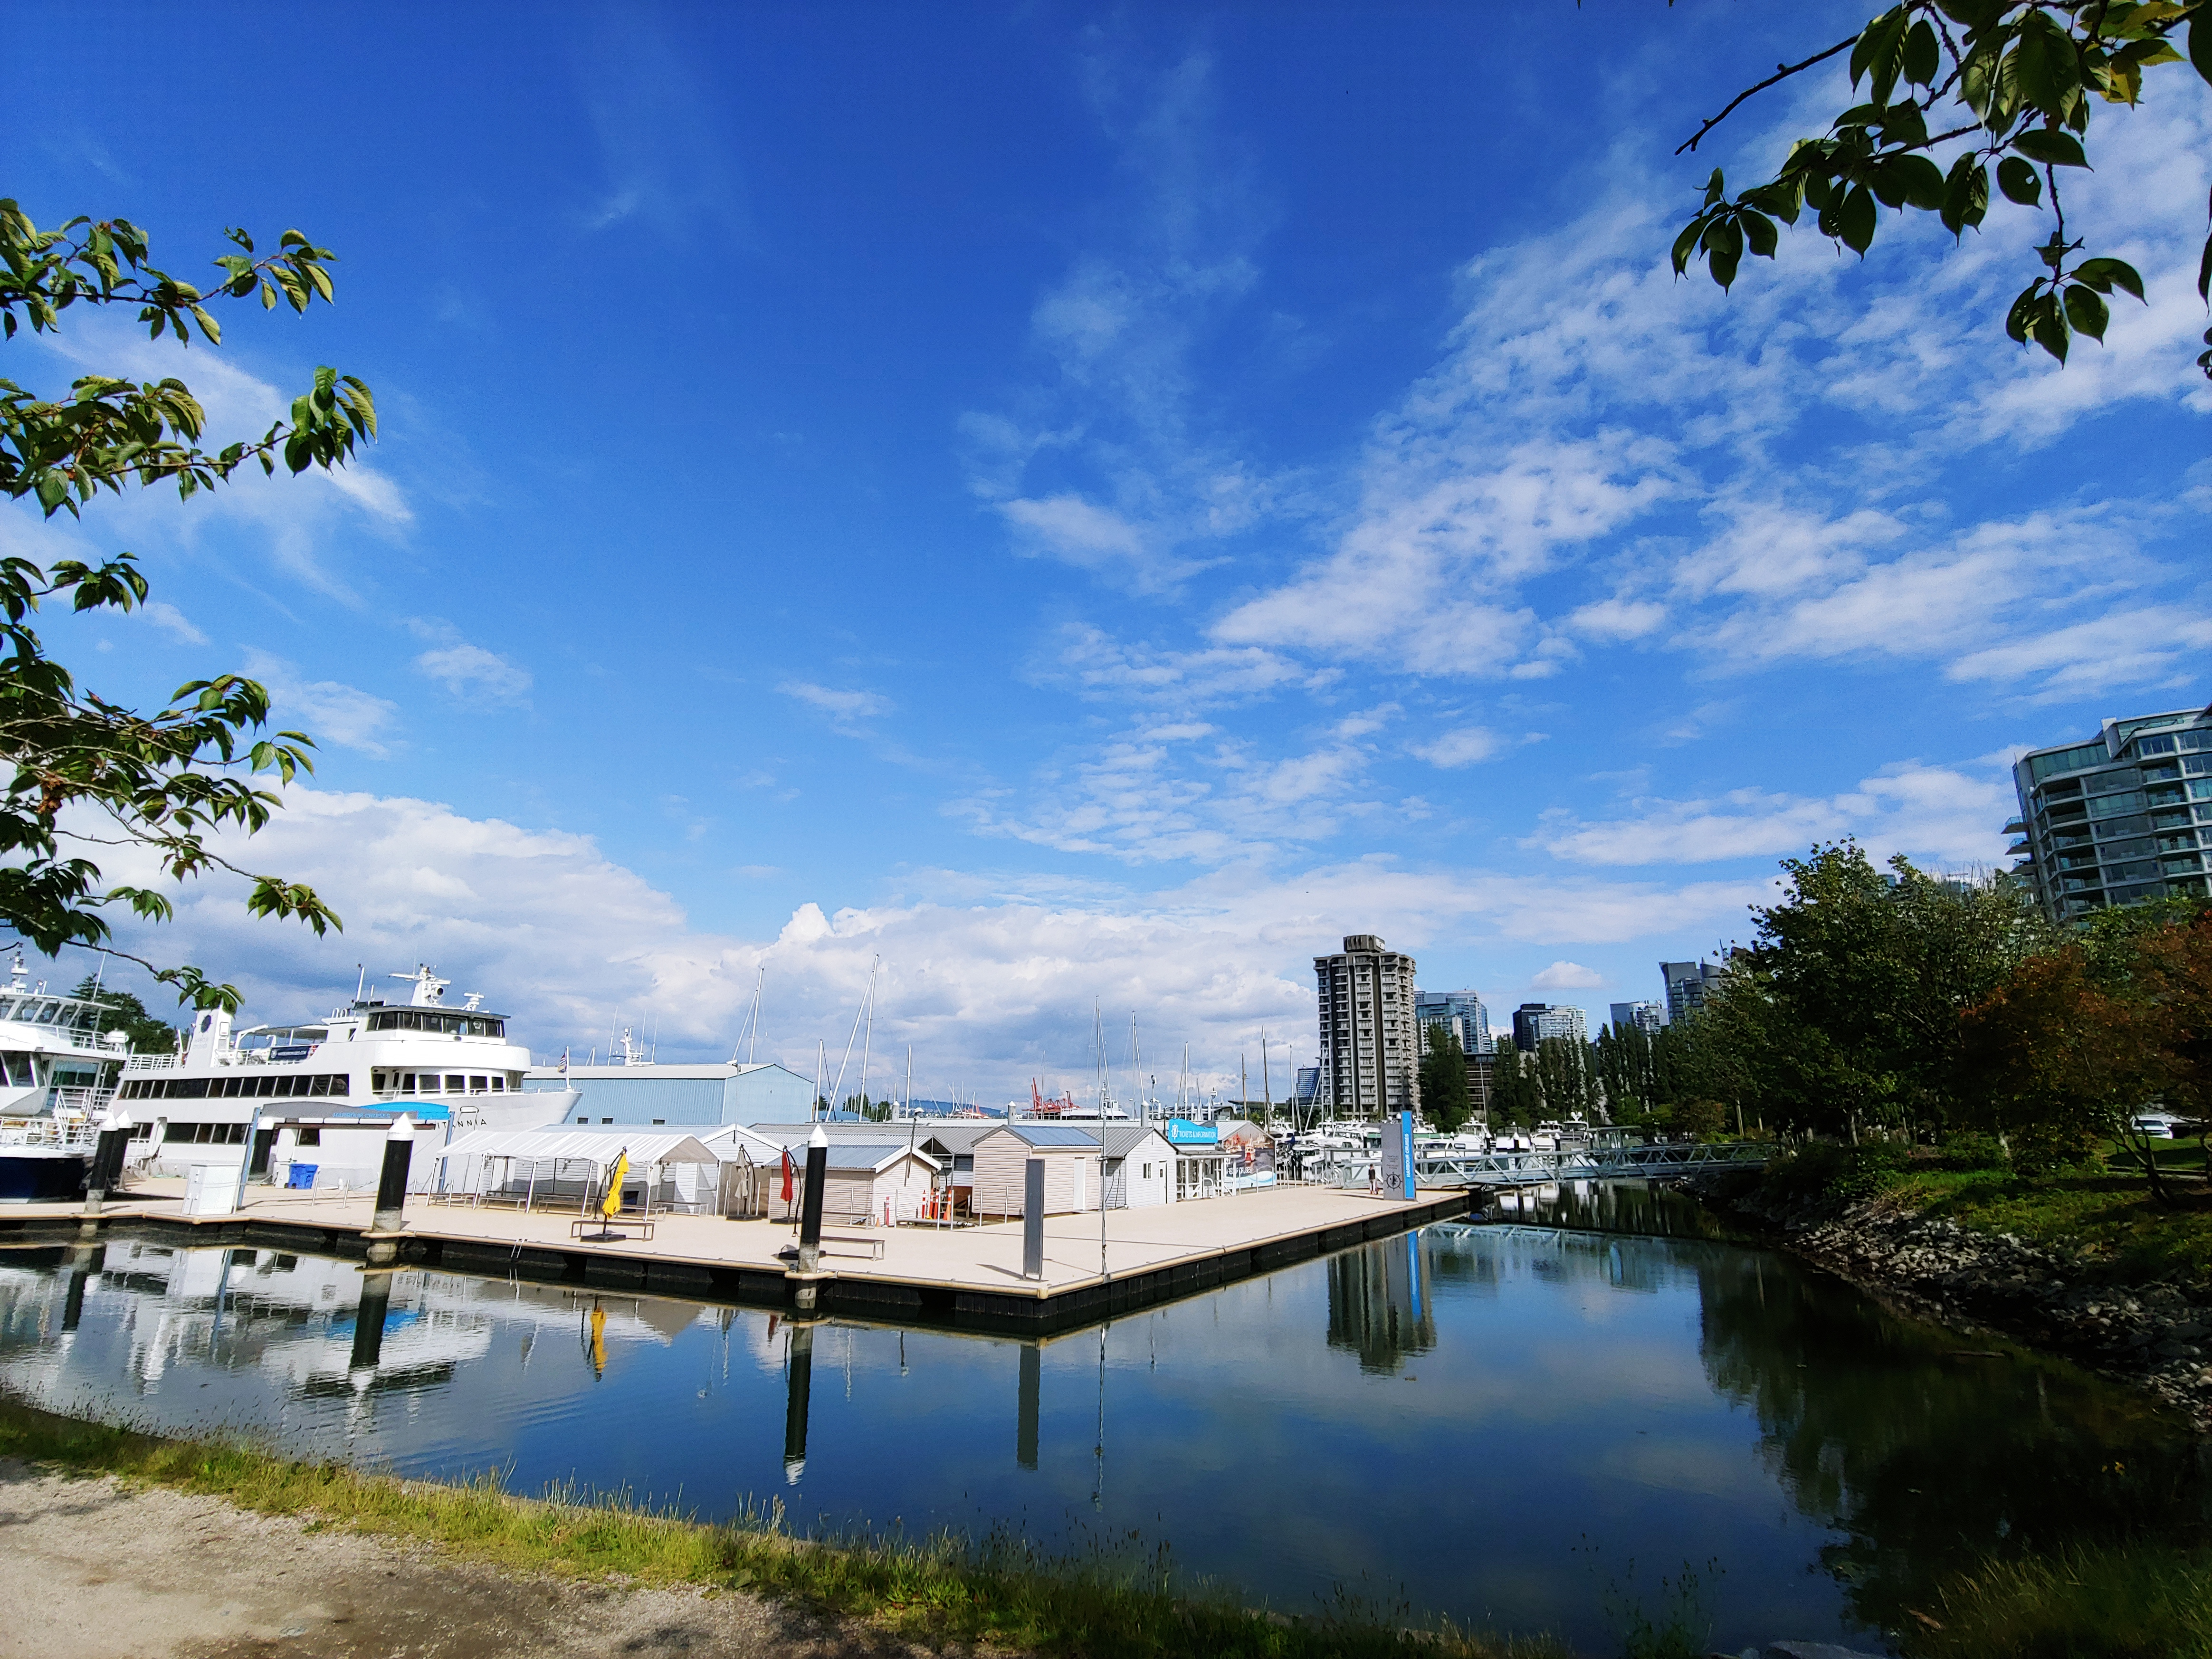 Devonian Harbour Park